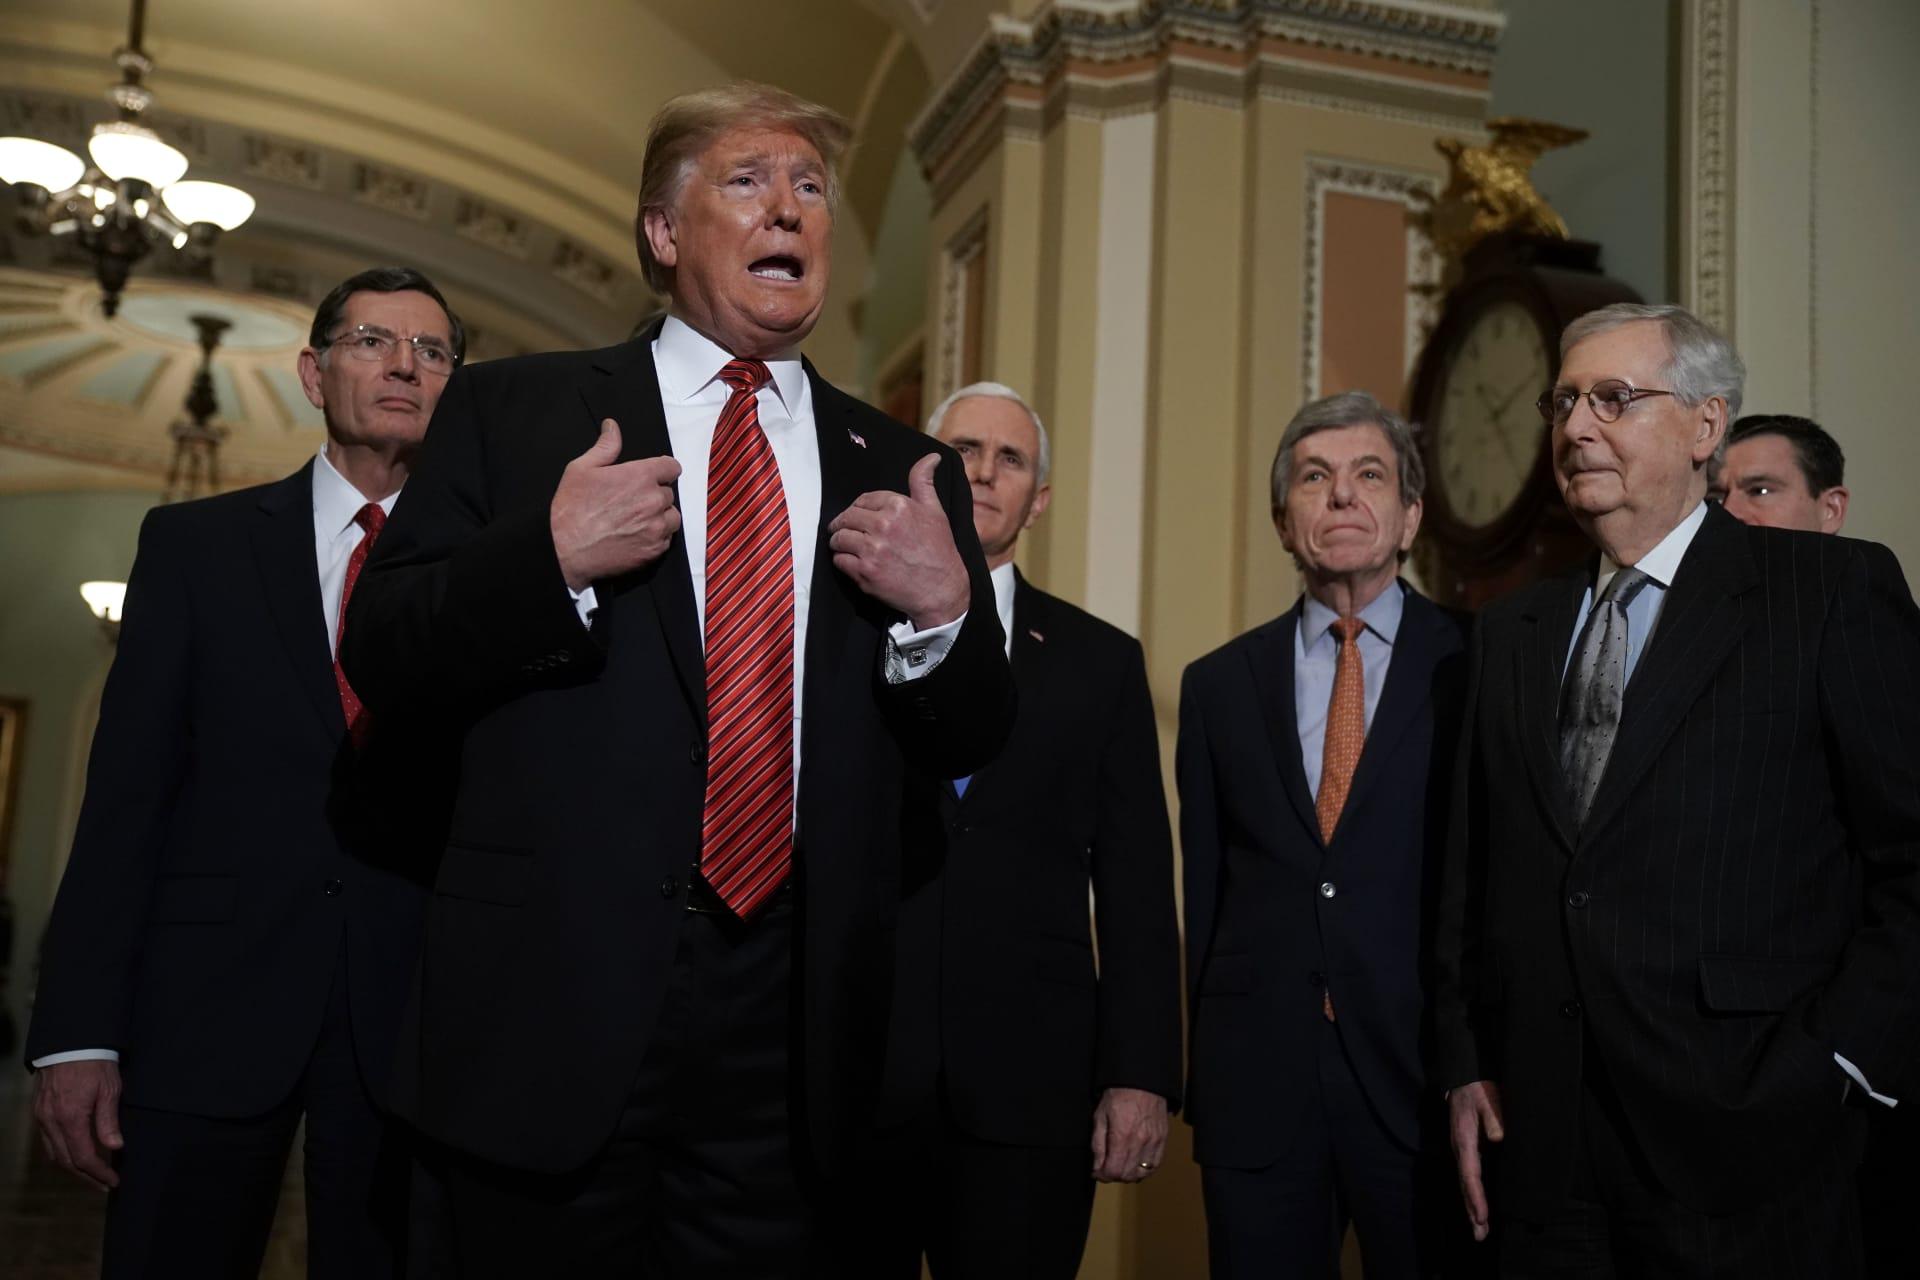 كيف يتأثر الأمريكيون بالإغلاق الفيدرالي؟